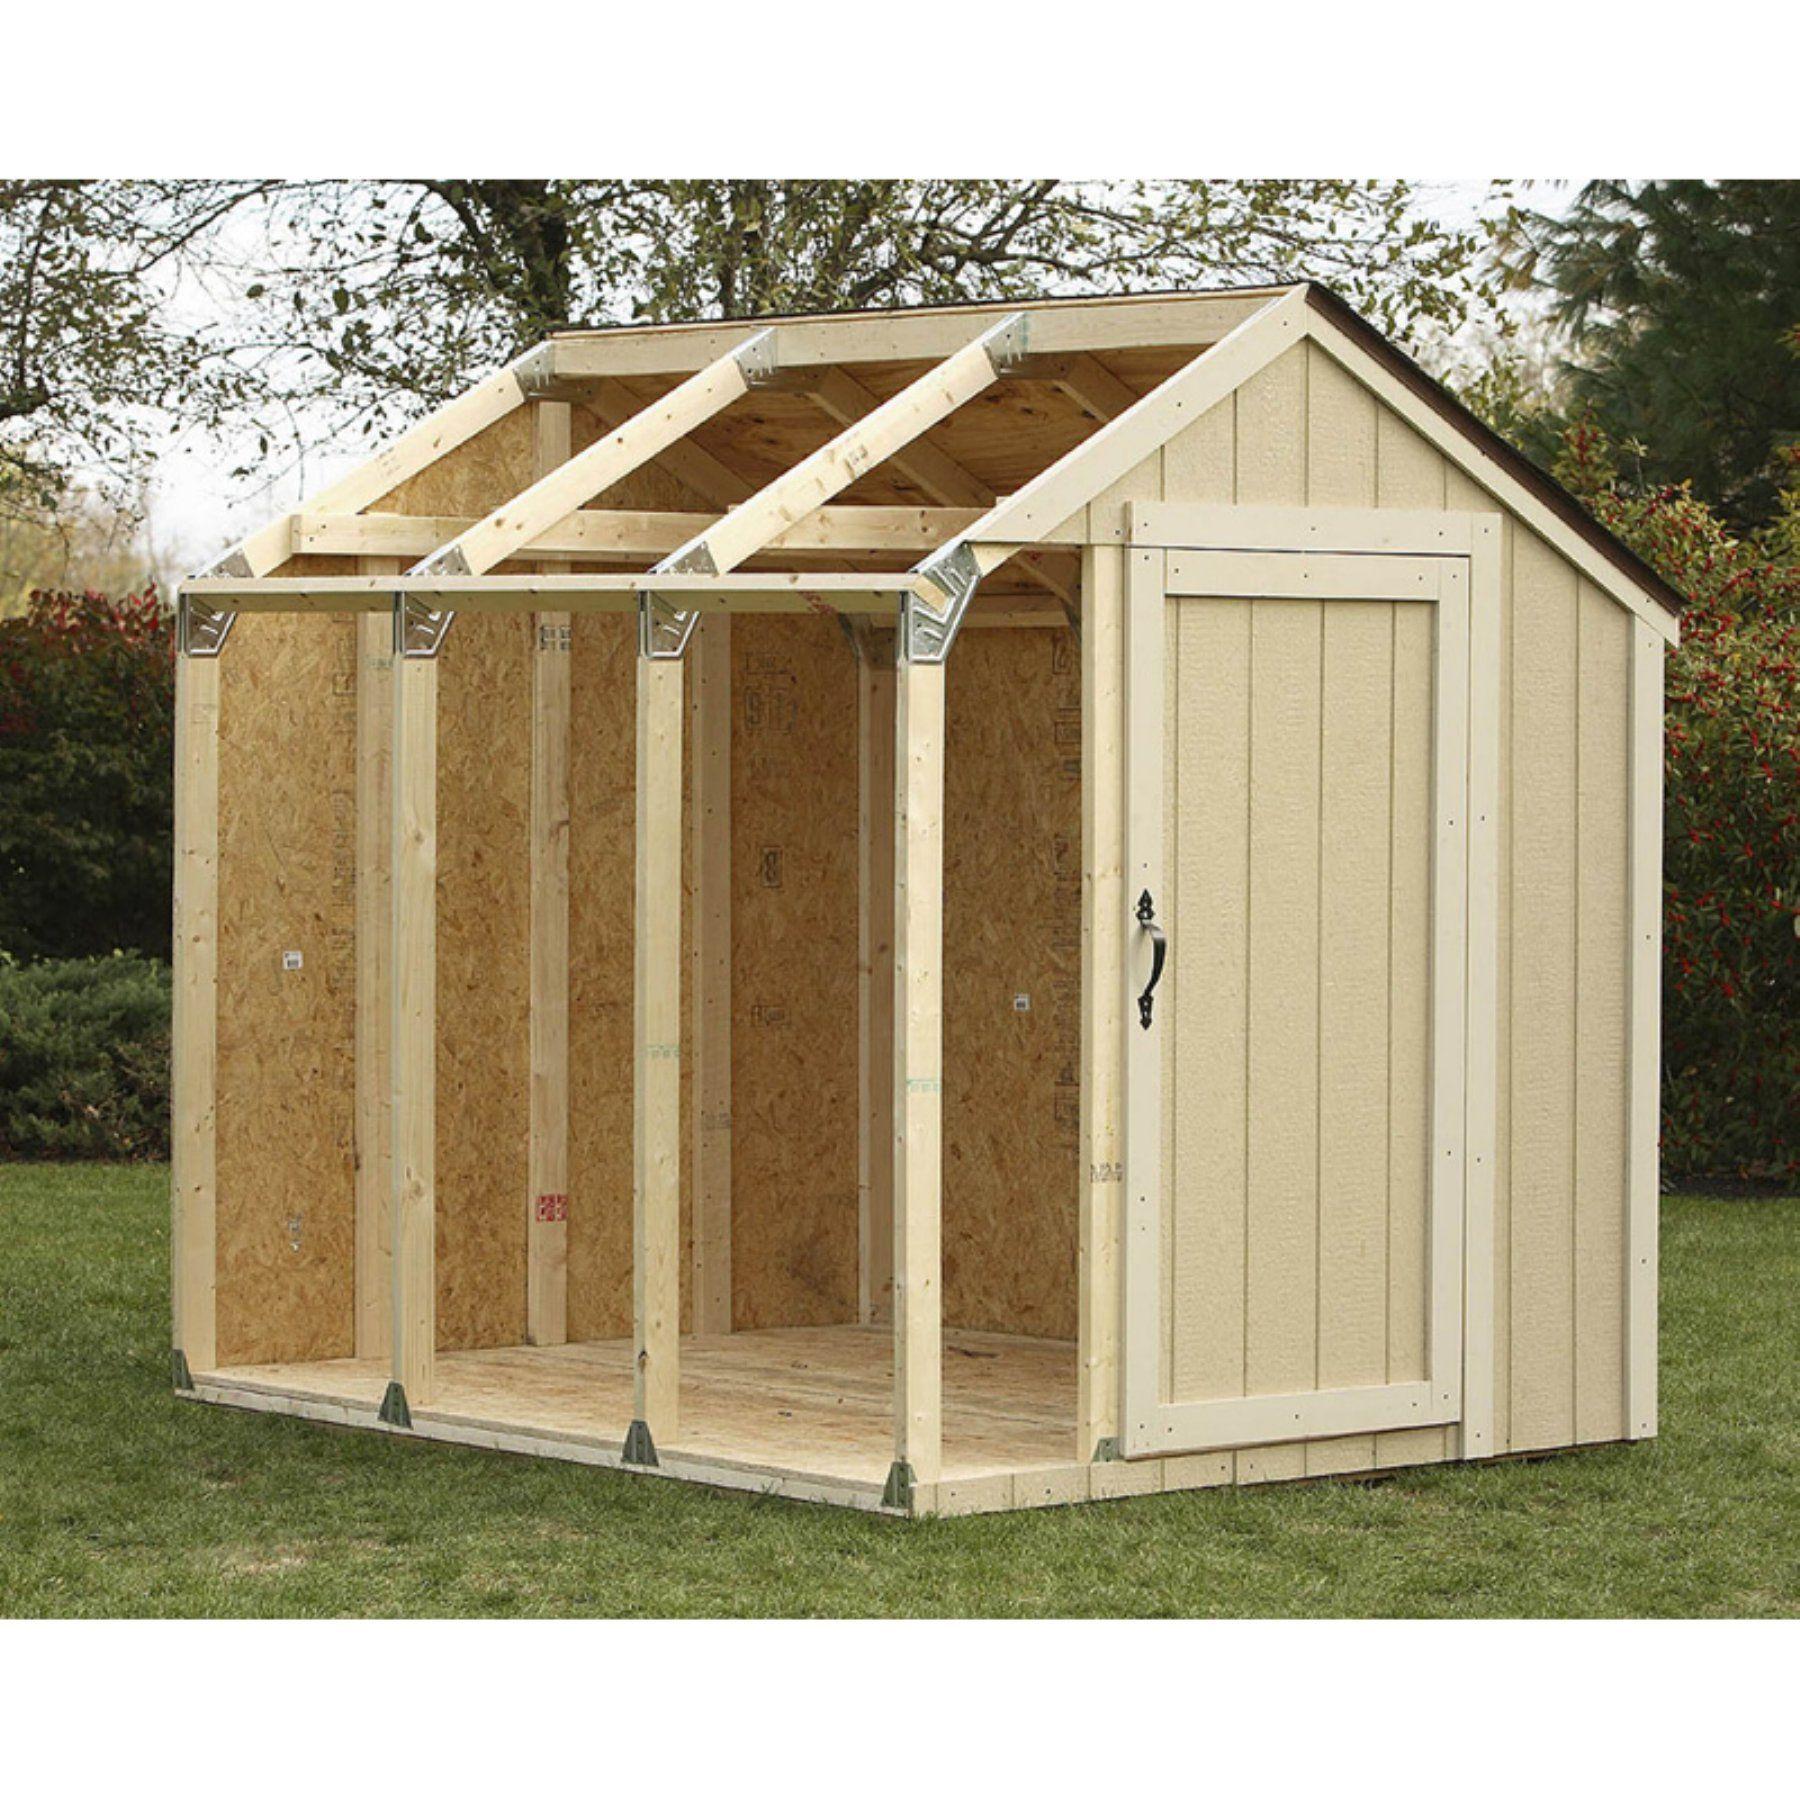 2x4 Basics Peak Roof Shed Kit 2350 4046 Plan Abris De Jardin Plans D Abris Abri Jardin Palettes